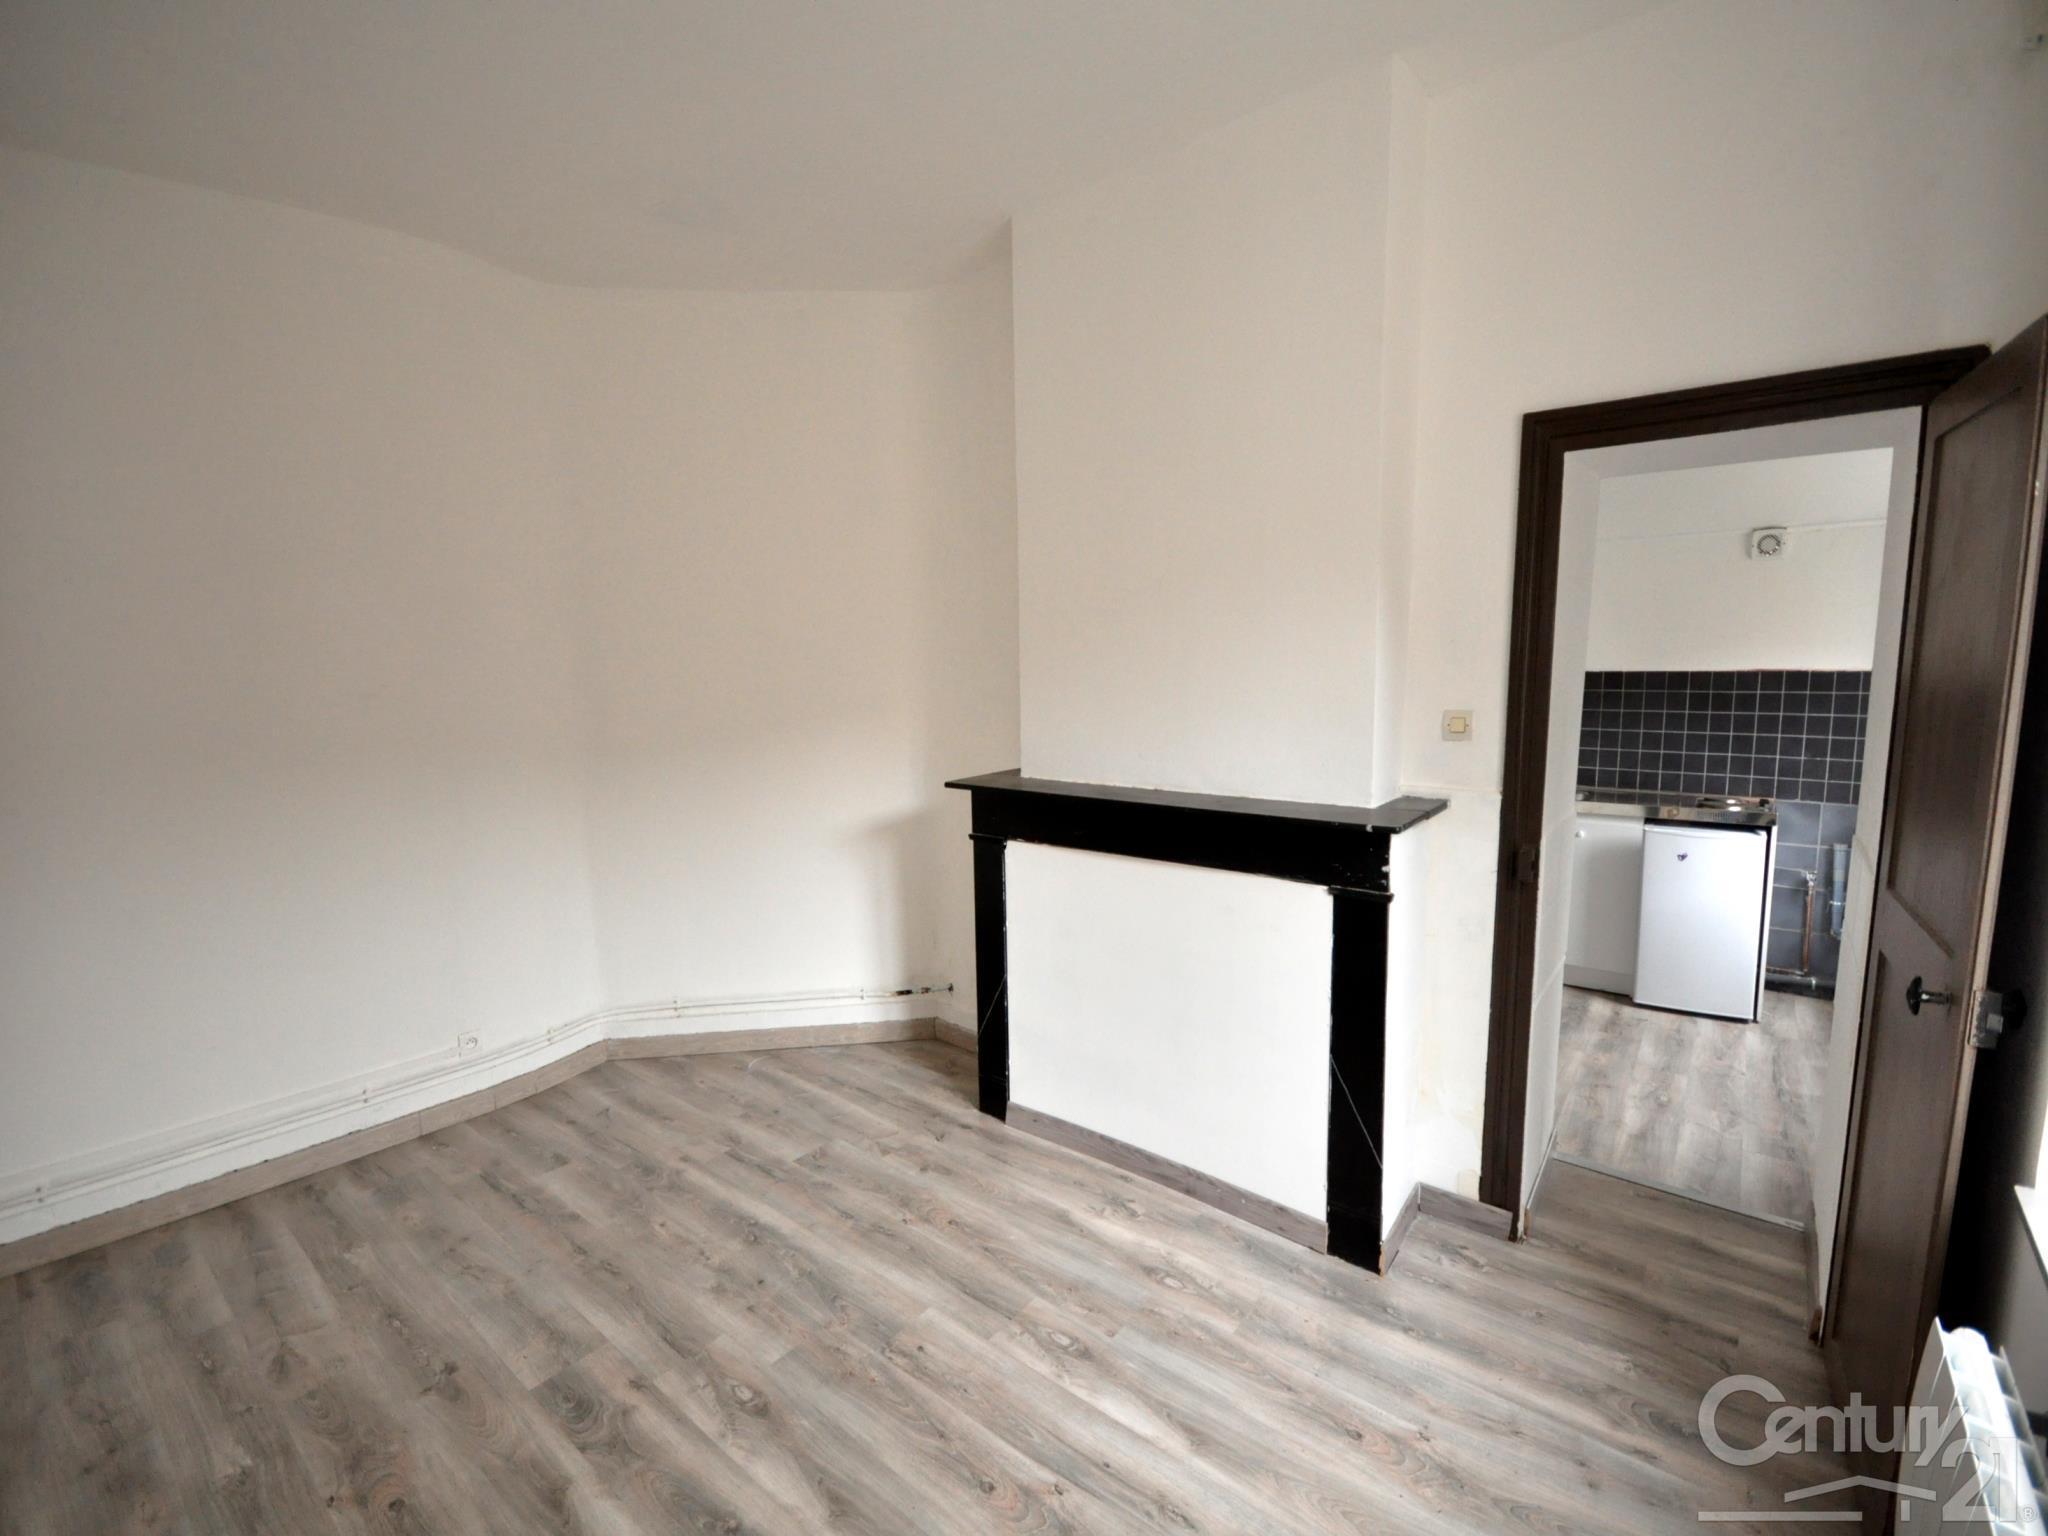 Appartement f2 à louer - 2 pièces - 41 m2 - MAUBEUGE - 59 - NORD-PAS-DE-CALAIS